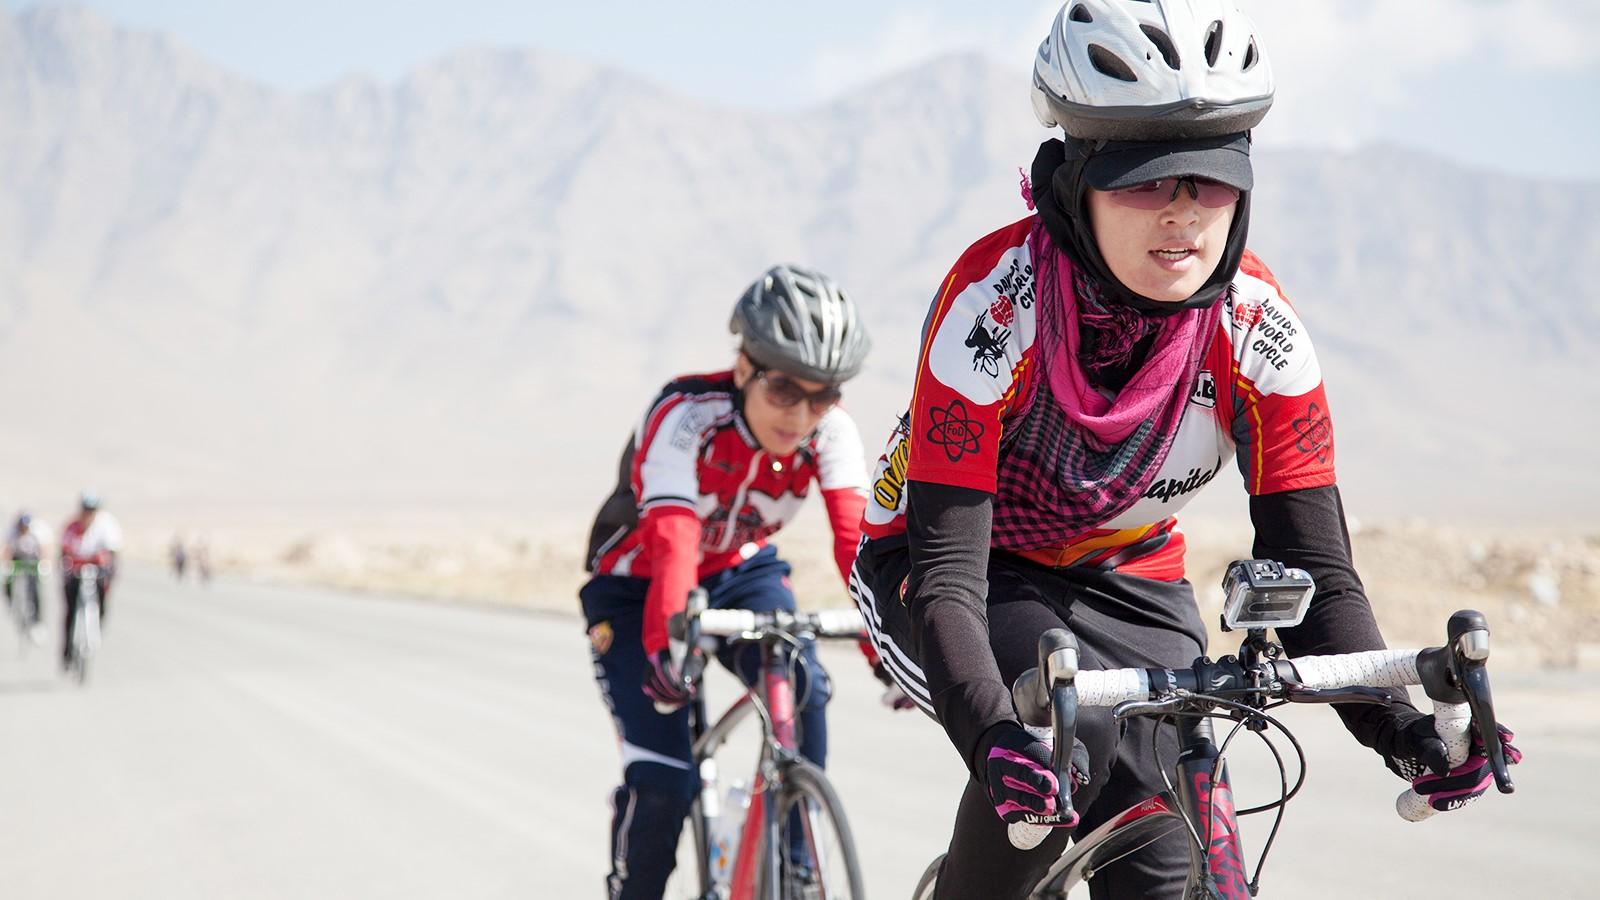 Les Petites Reines de Kaboul ont dû quitter le pays pour leur sécurité. © SIFF Sarah Menzies.